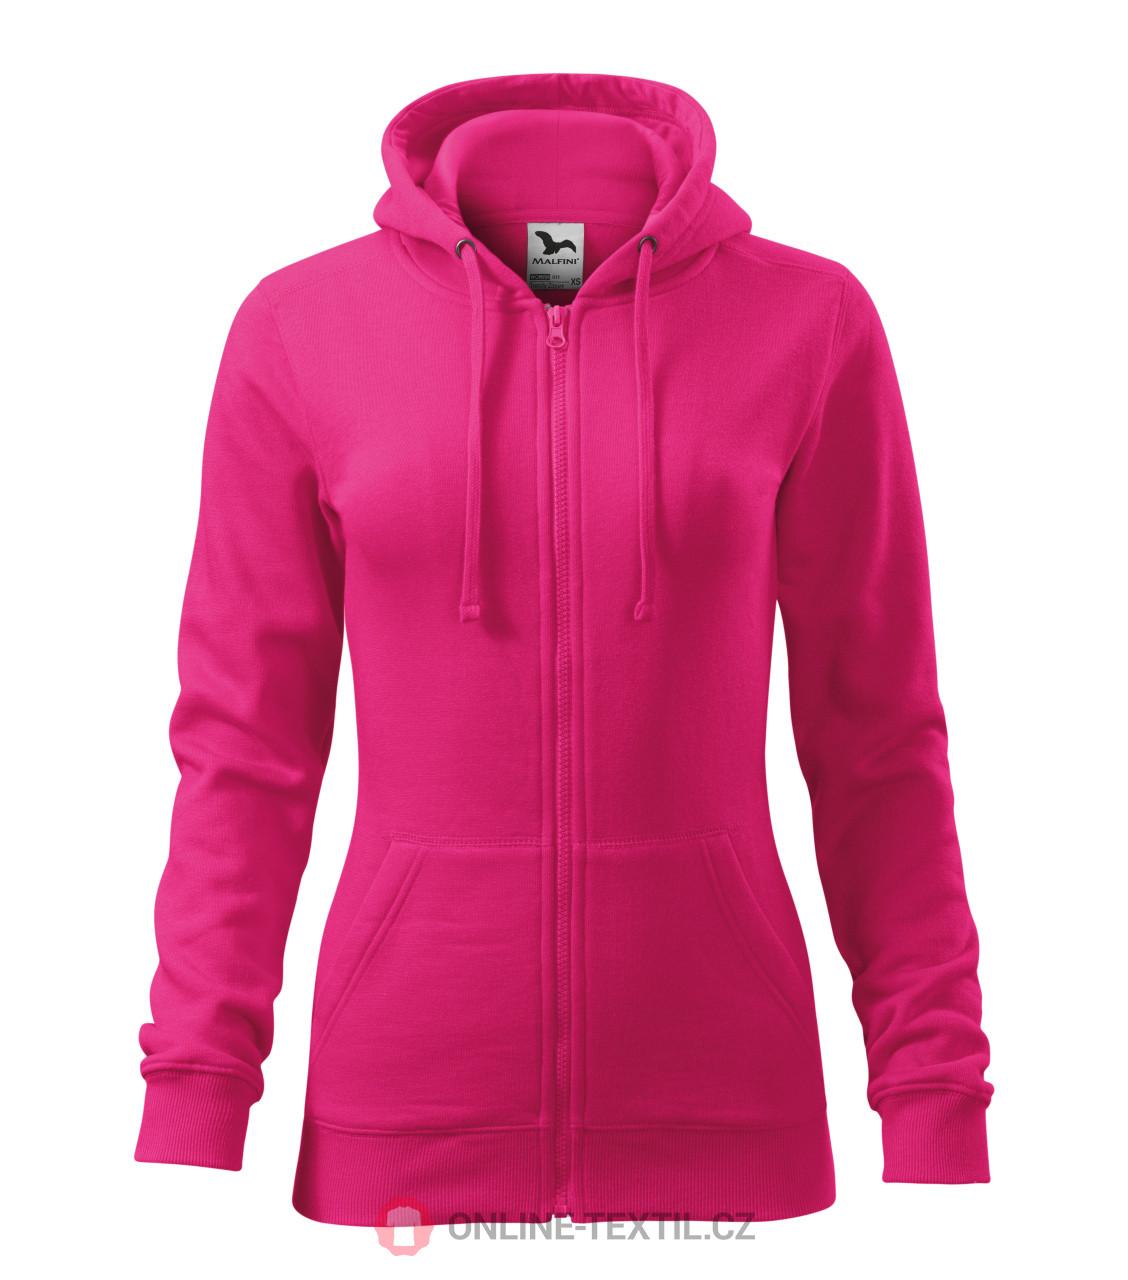 f8f2fba20db0 ADLER CZECH Dámska mikina Trendy Zipper s kapucňou 411 - purpurová z ...